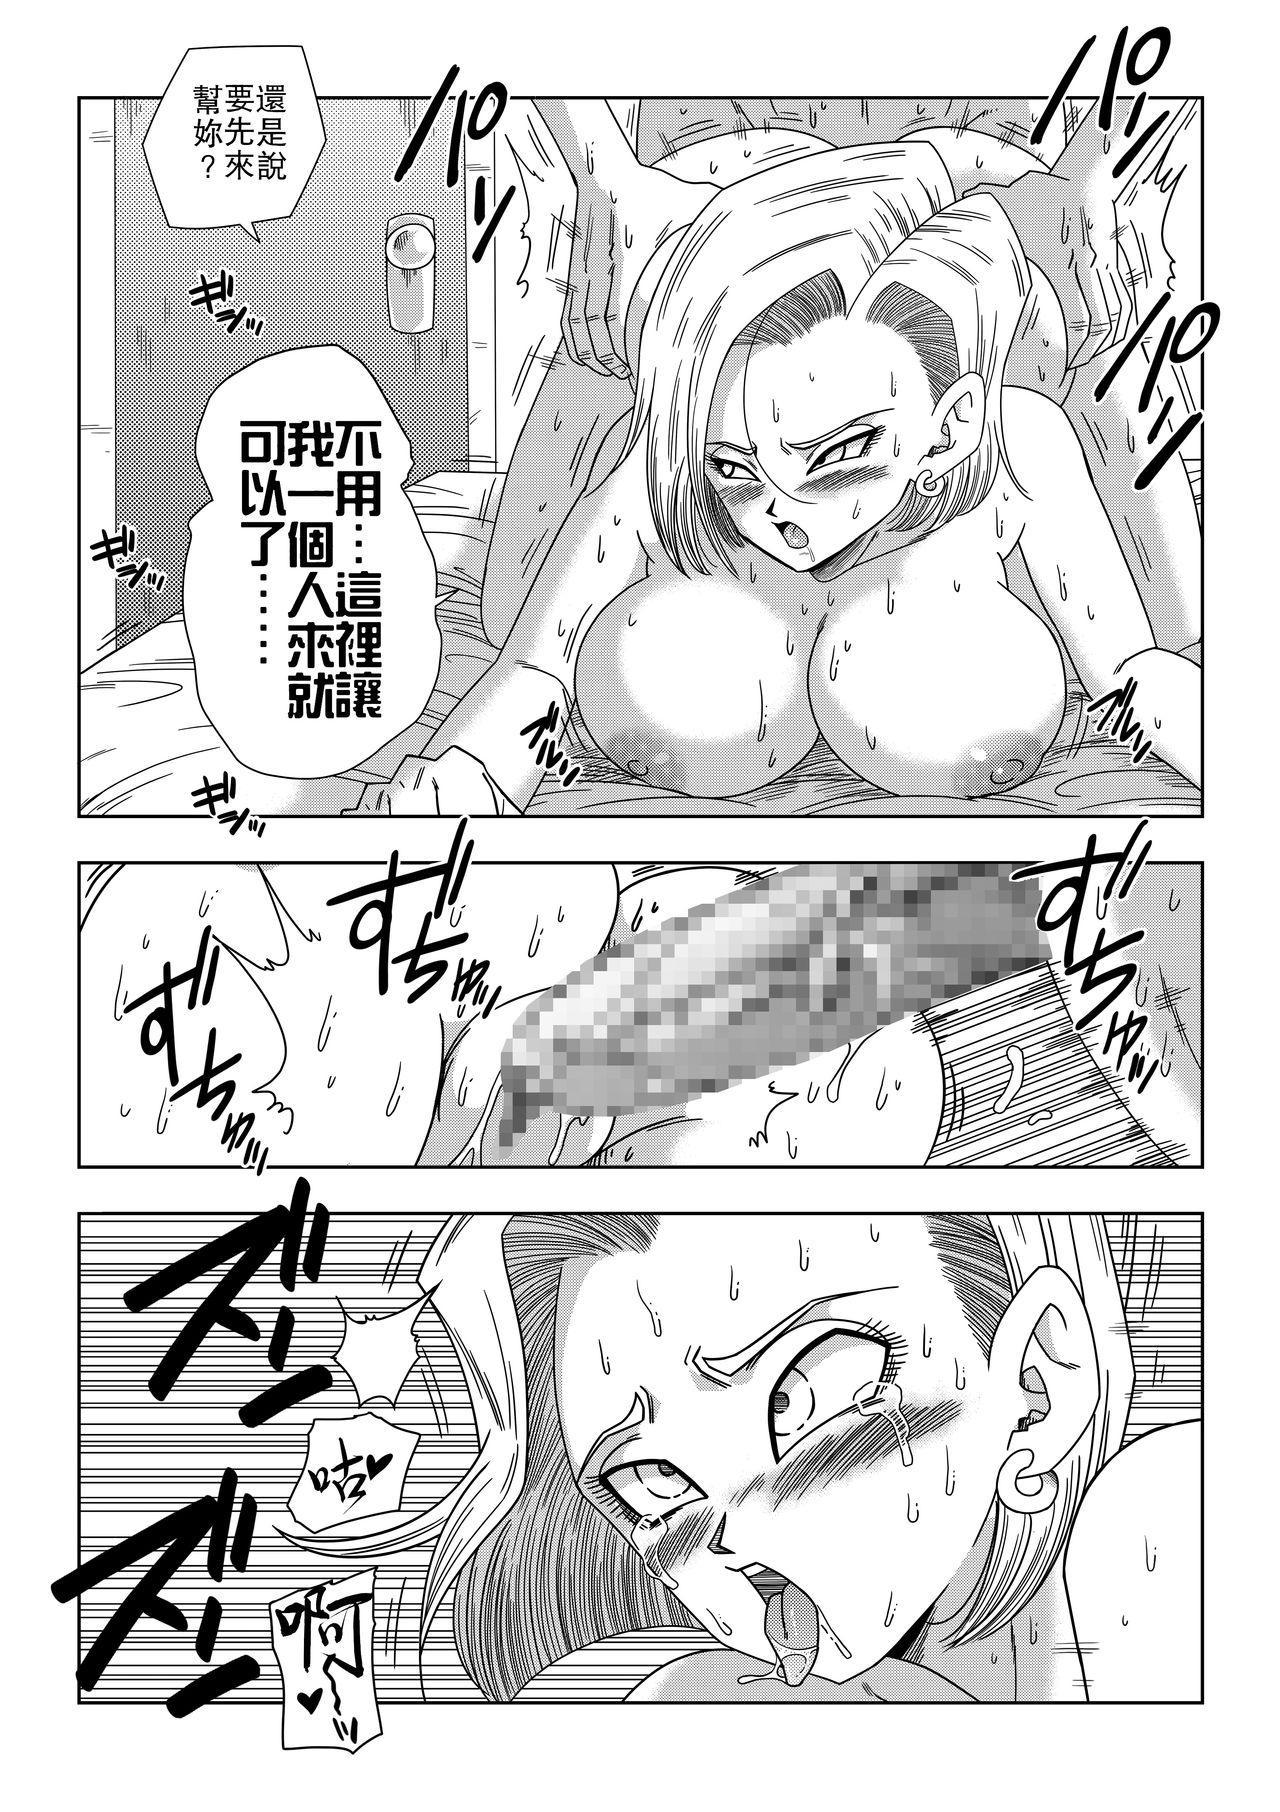 18-gou vs Kame Sennin 26